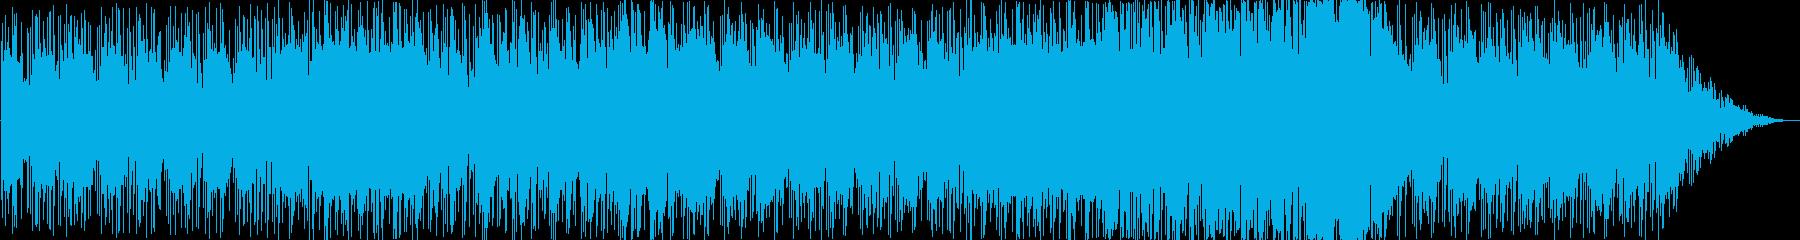 まったりインストの再生済みの波形